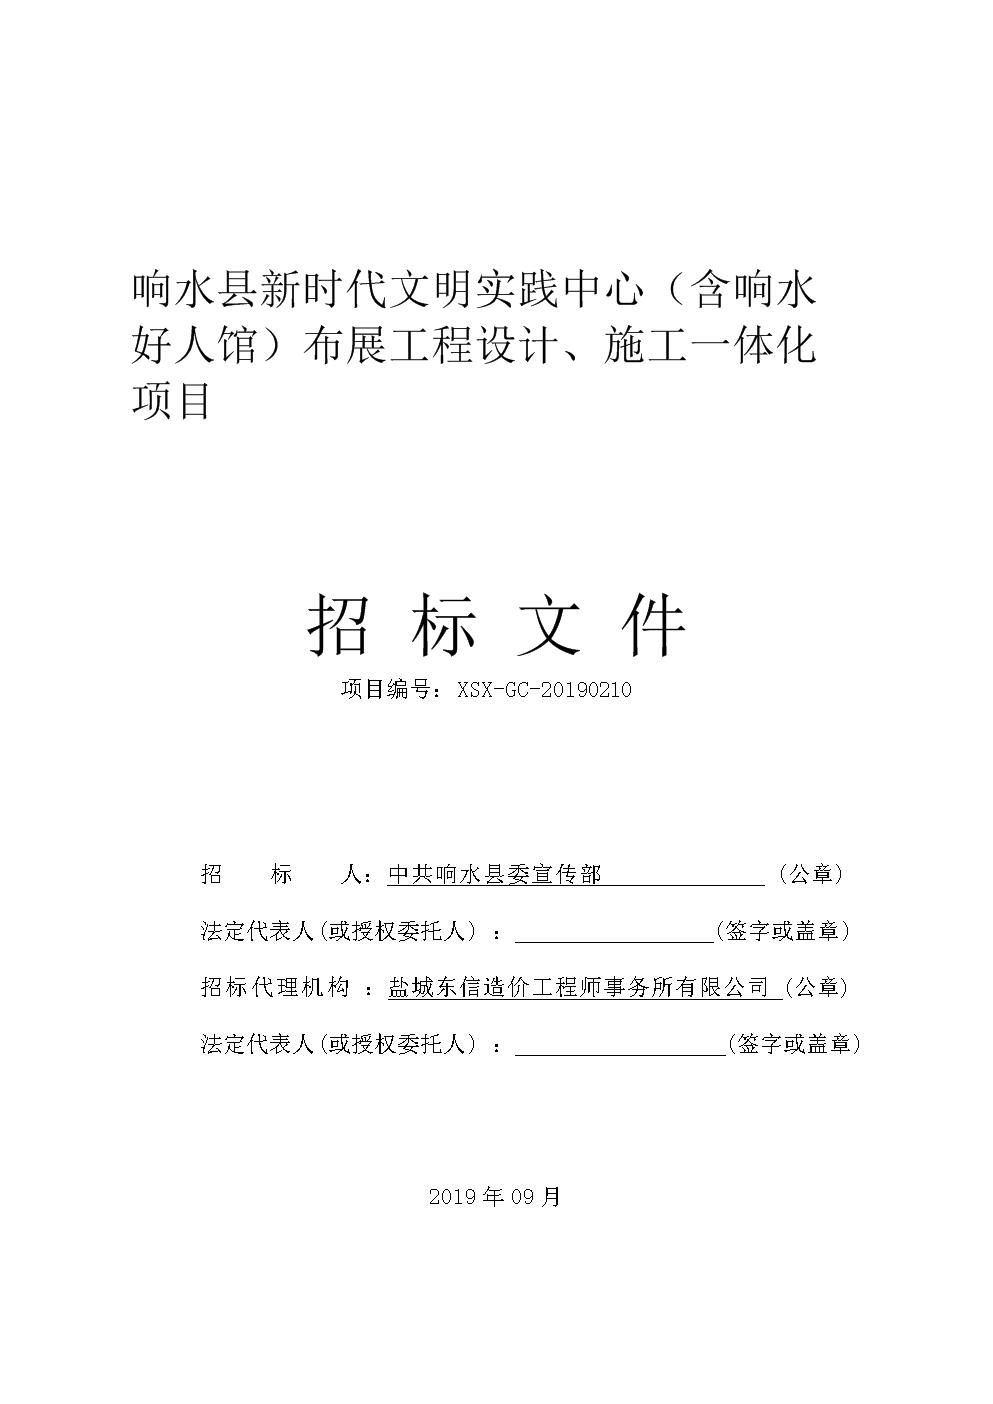 响水县新时代文明实践中心(含响水好人馆)布展工程设计、施工一体化项目招标文件.doc